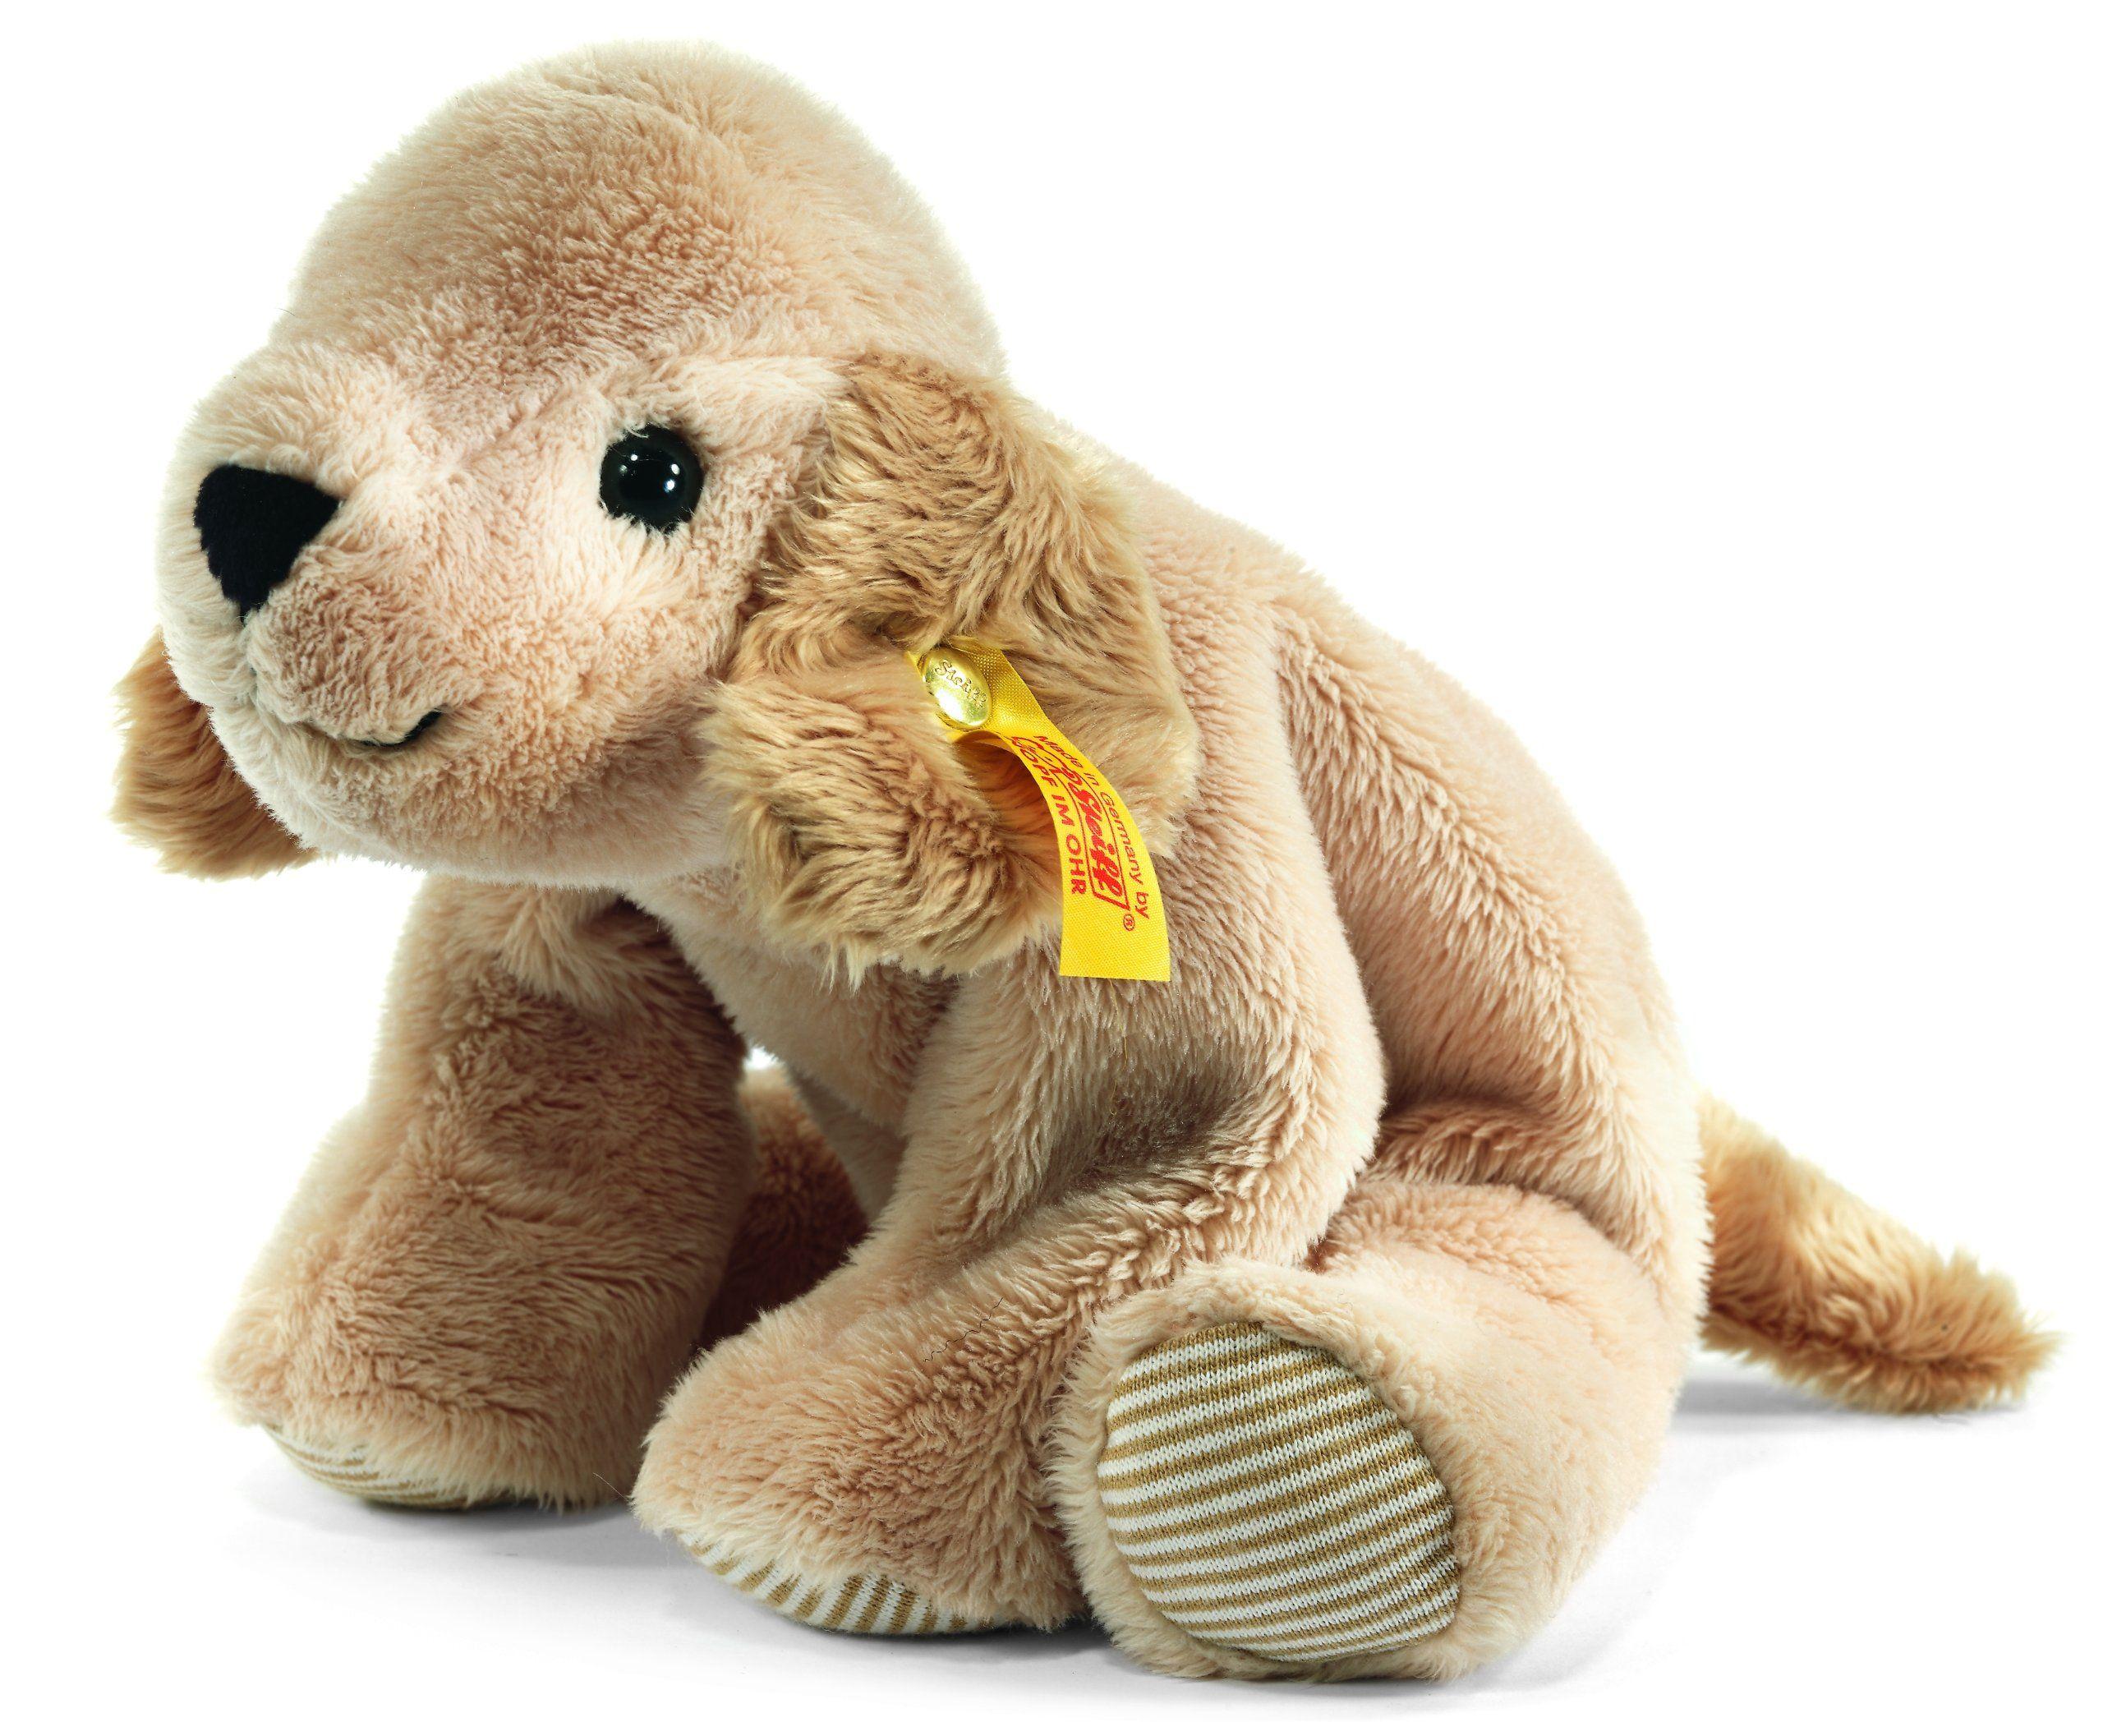 Steiff 281297 - Lumpi Golden Retriever liegend, 16 cm, beige: Amazon.de: Spielzeug